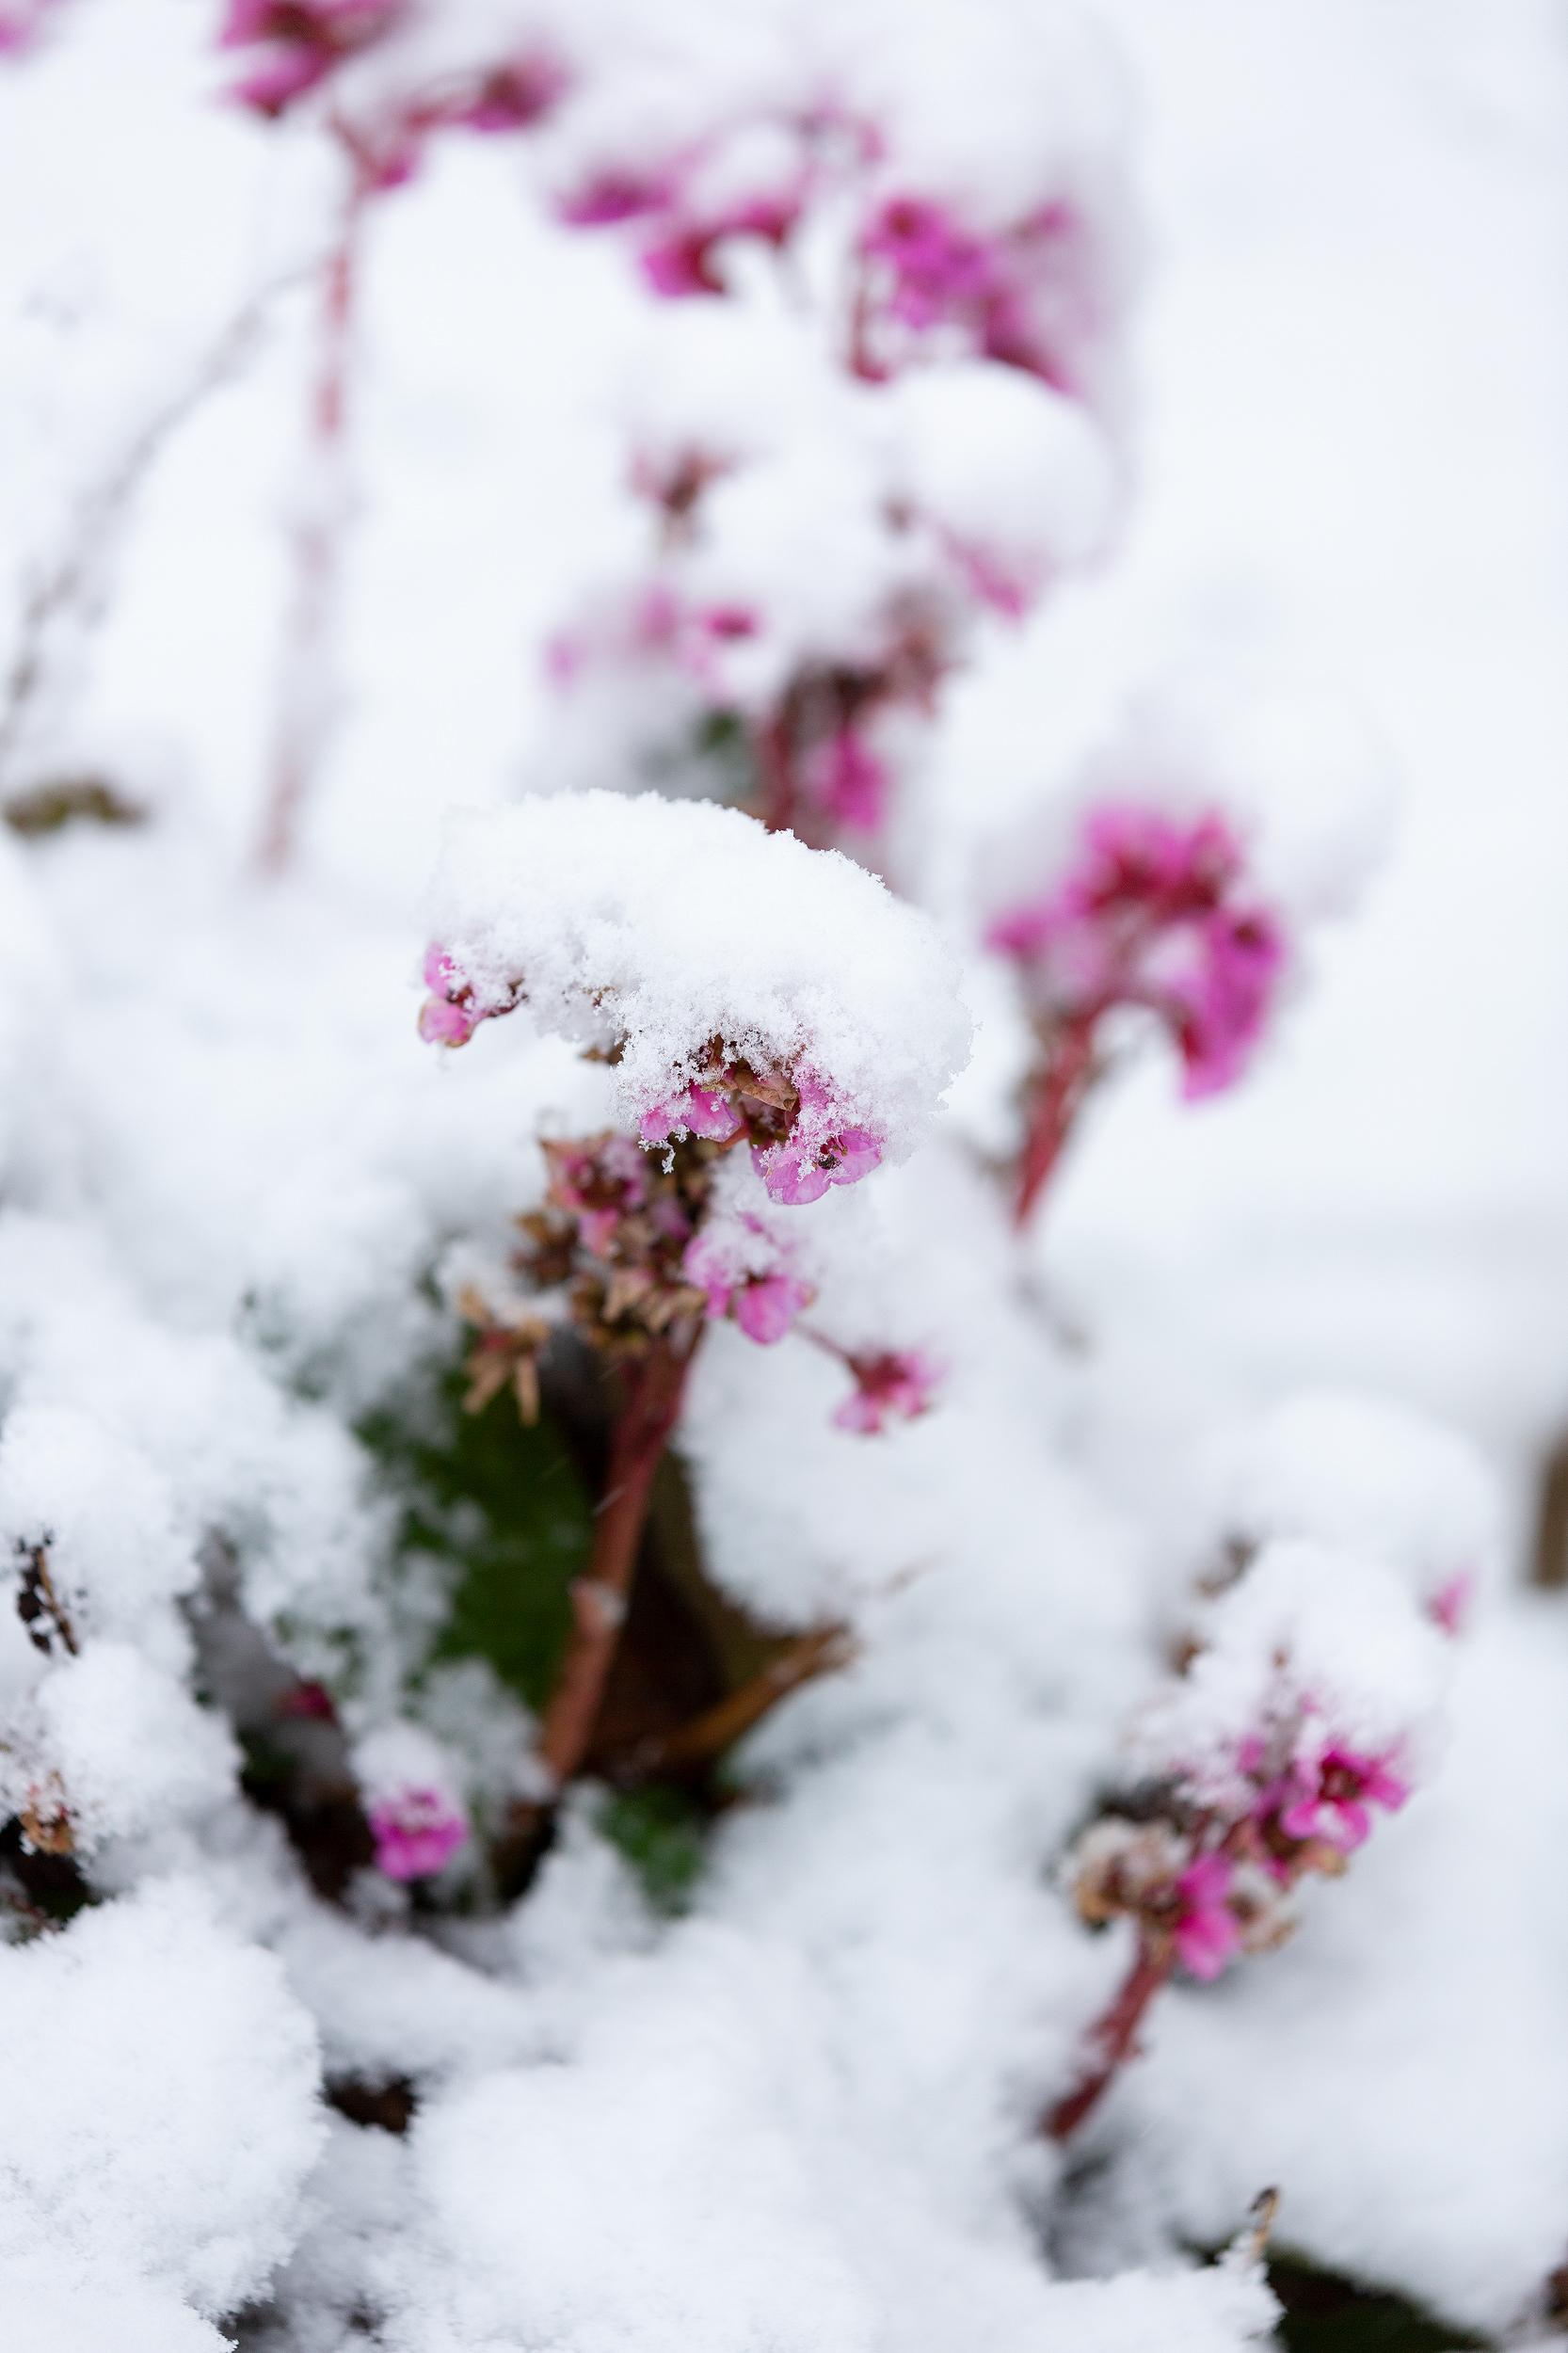 Verschneite Blüte nach dem ersten Schneefall auf der Schwäbischen Alb 2019